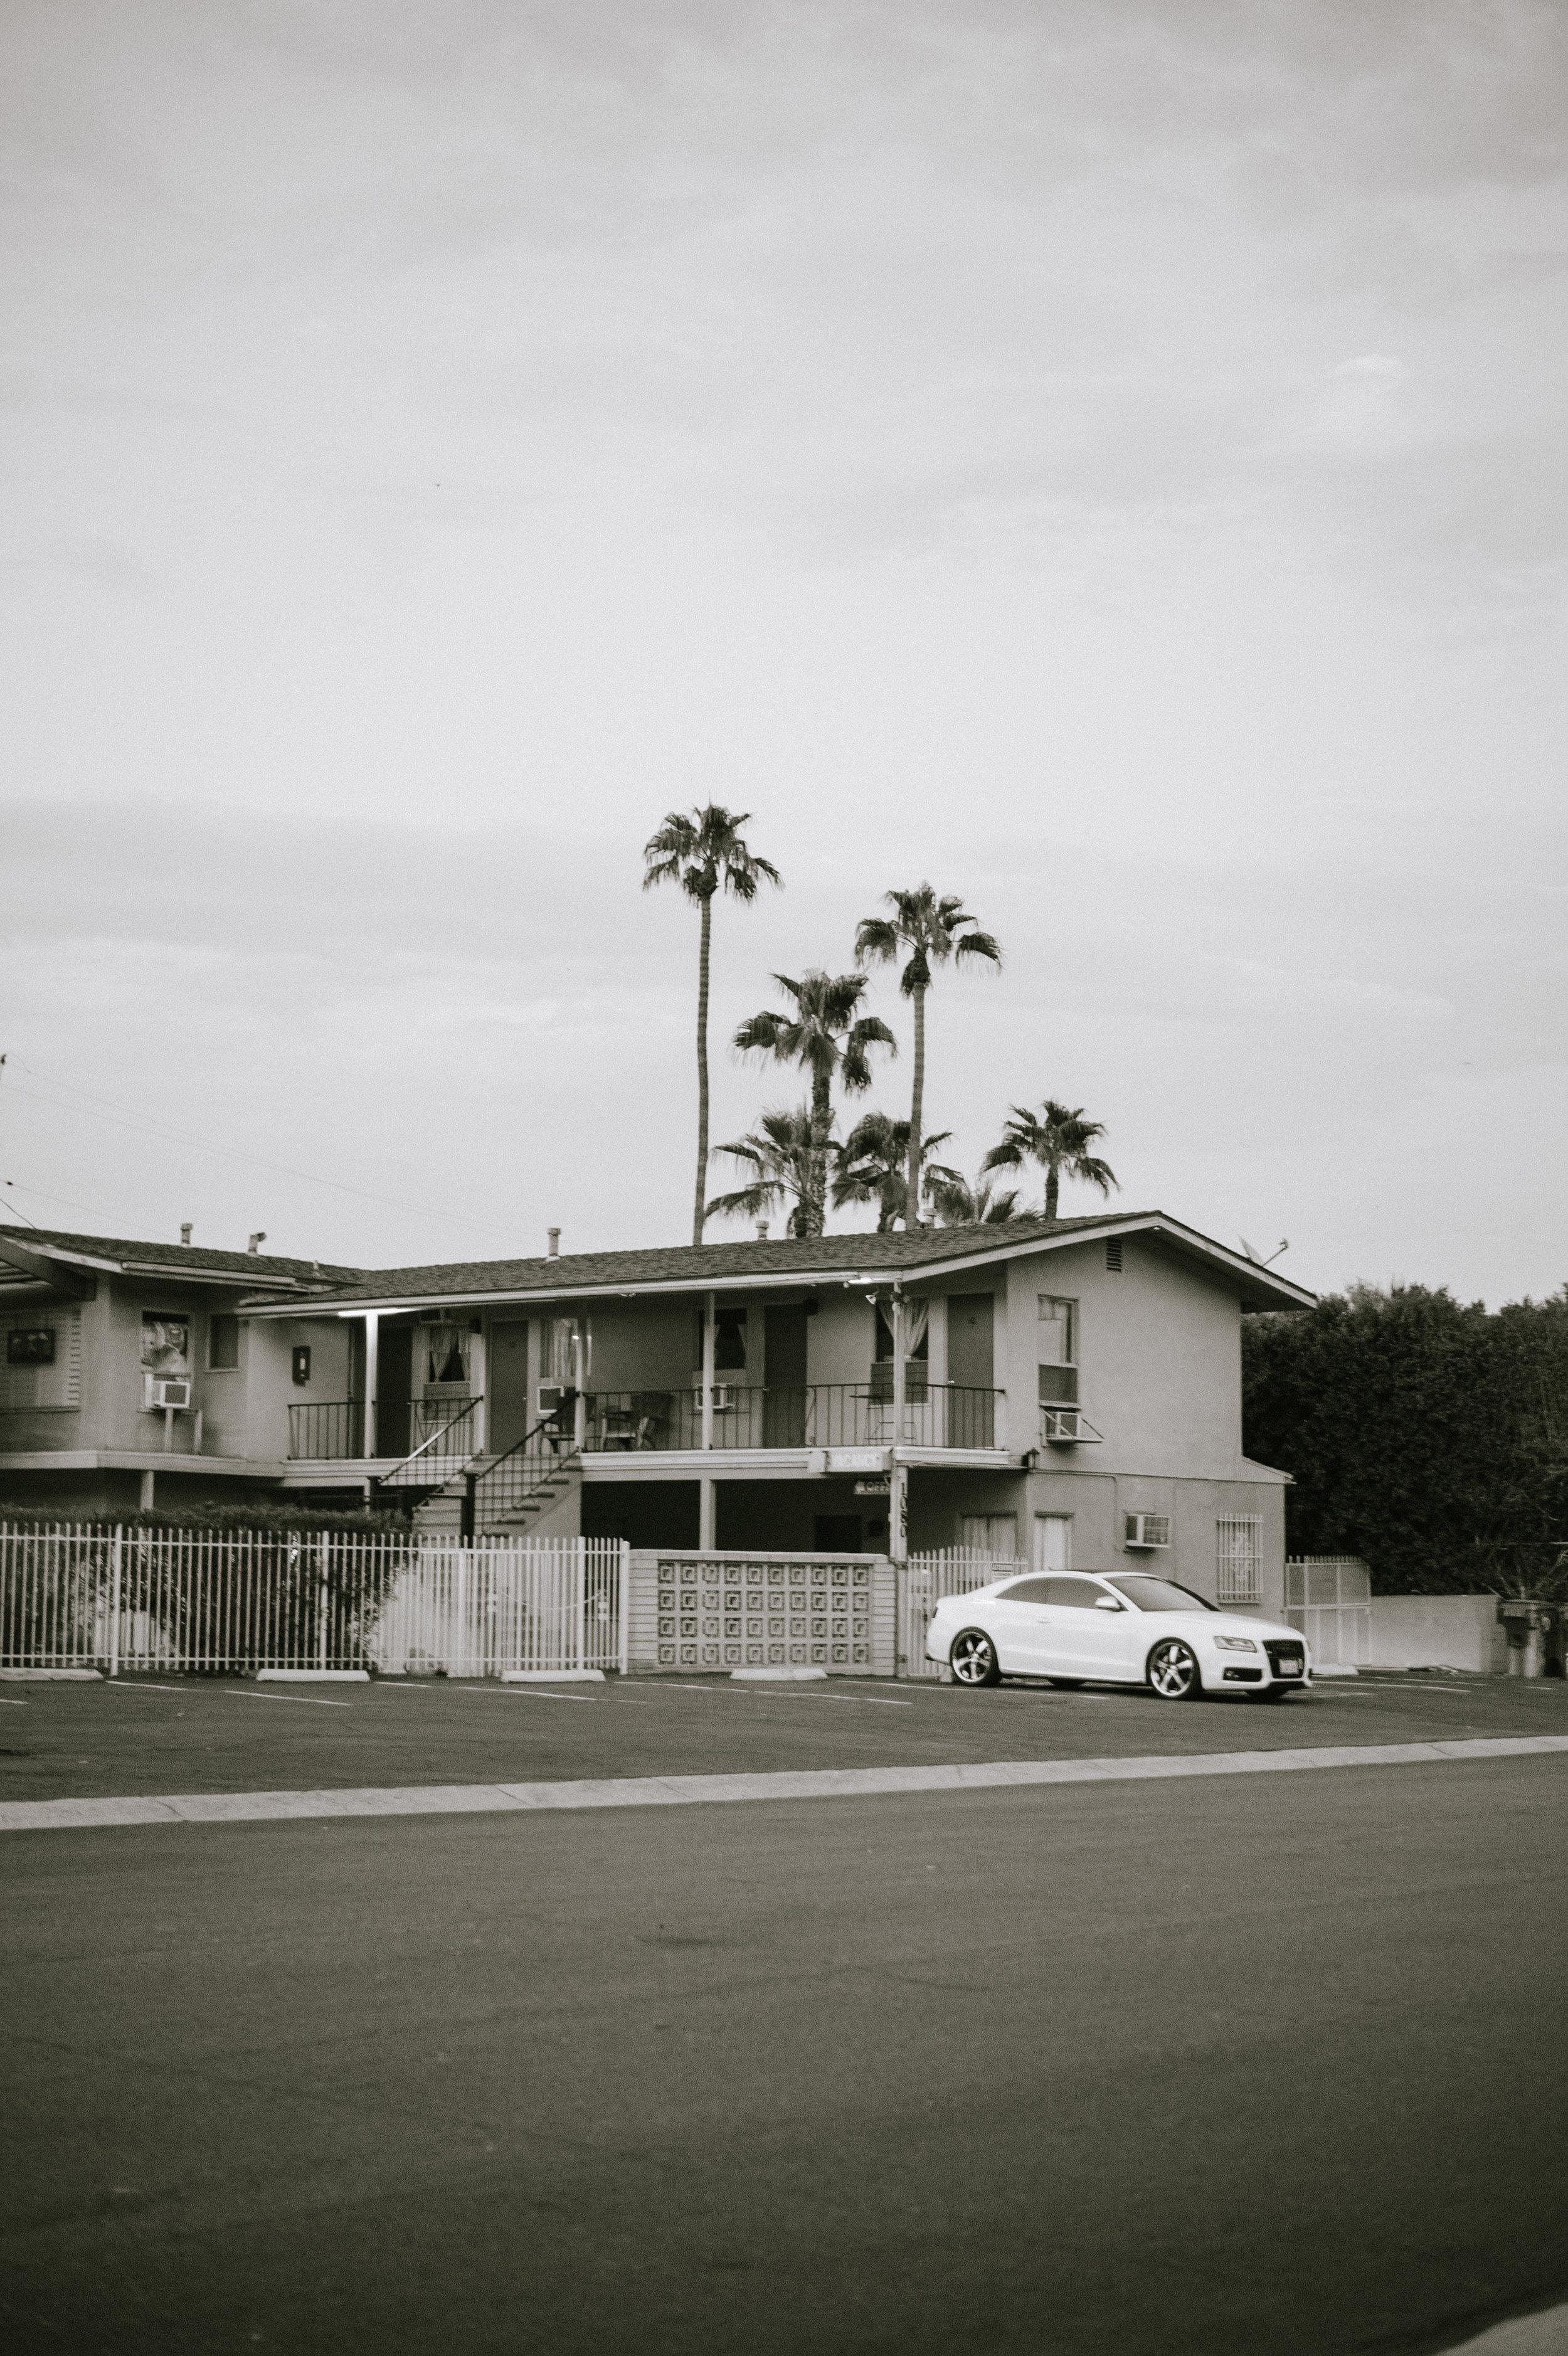 The-Glossier-Palm-Springs-CA-34.jpg